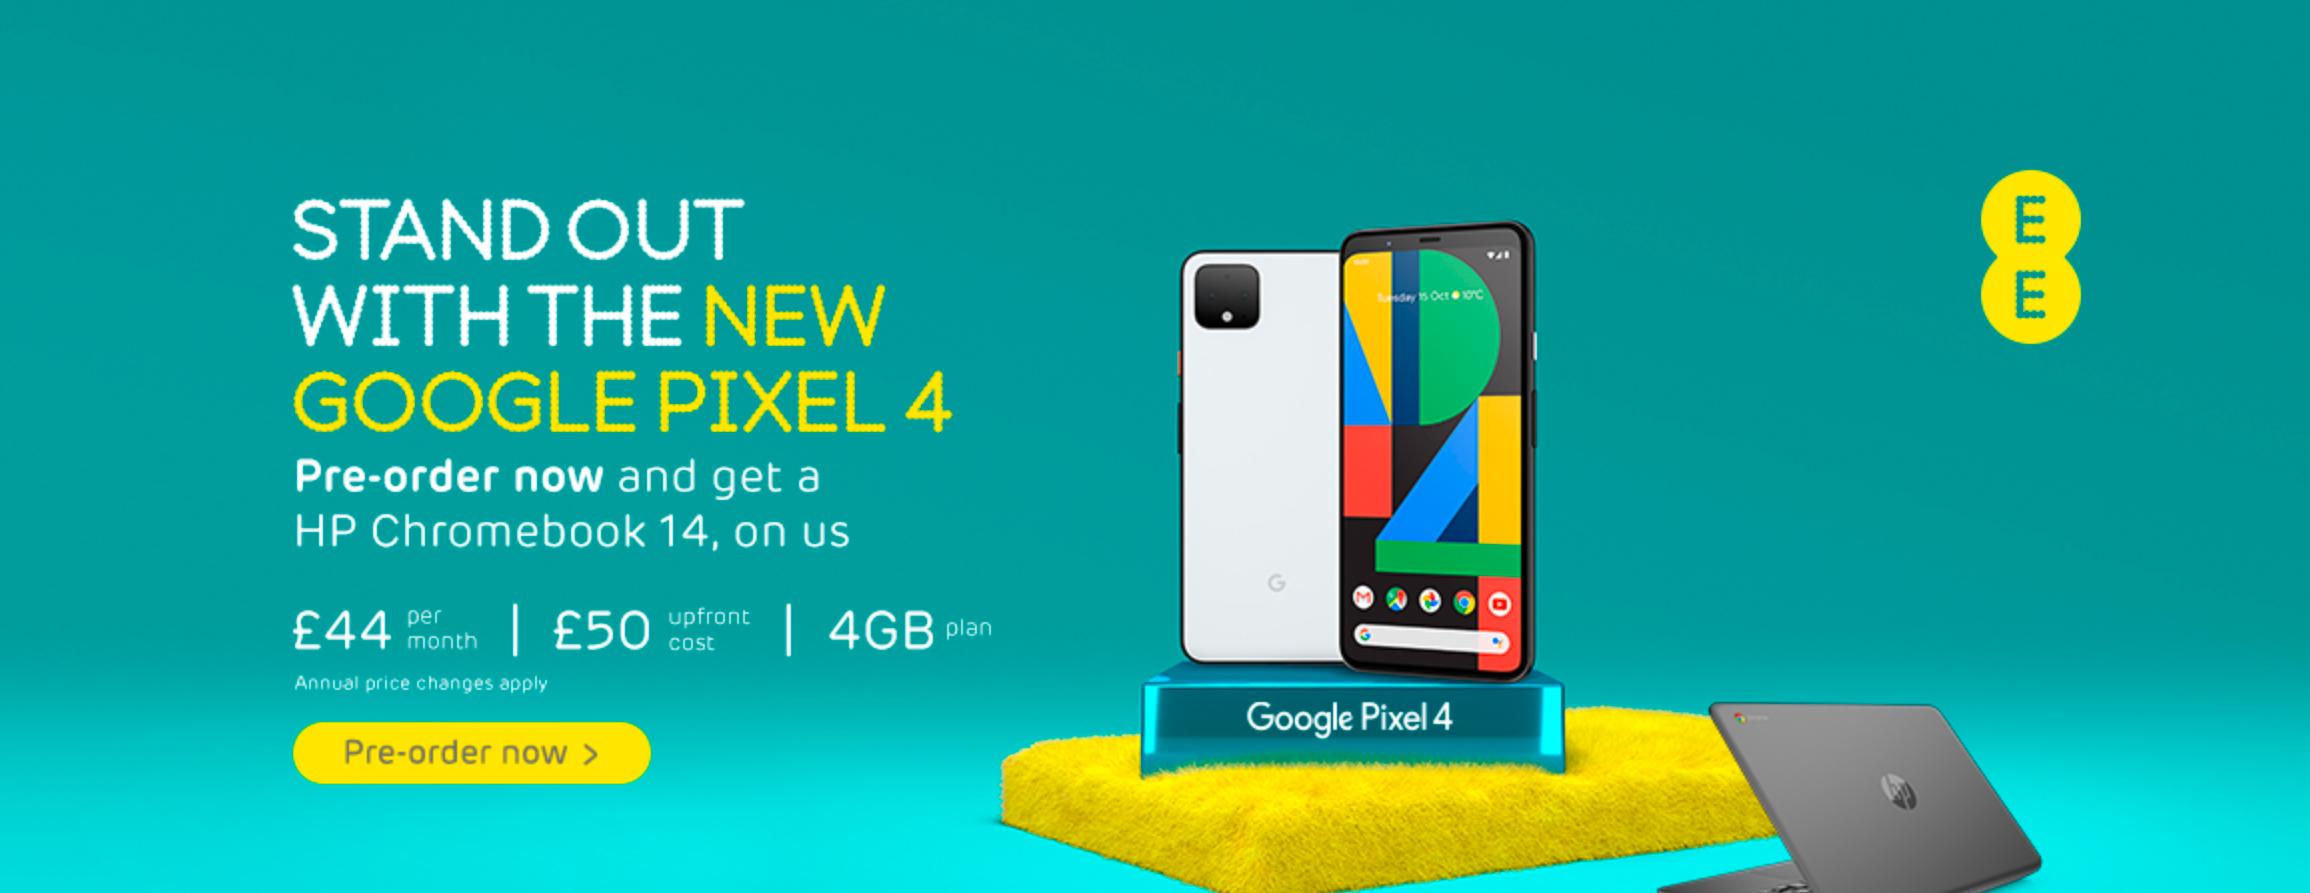 Pixel 4 EE ad UK